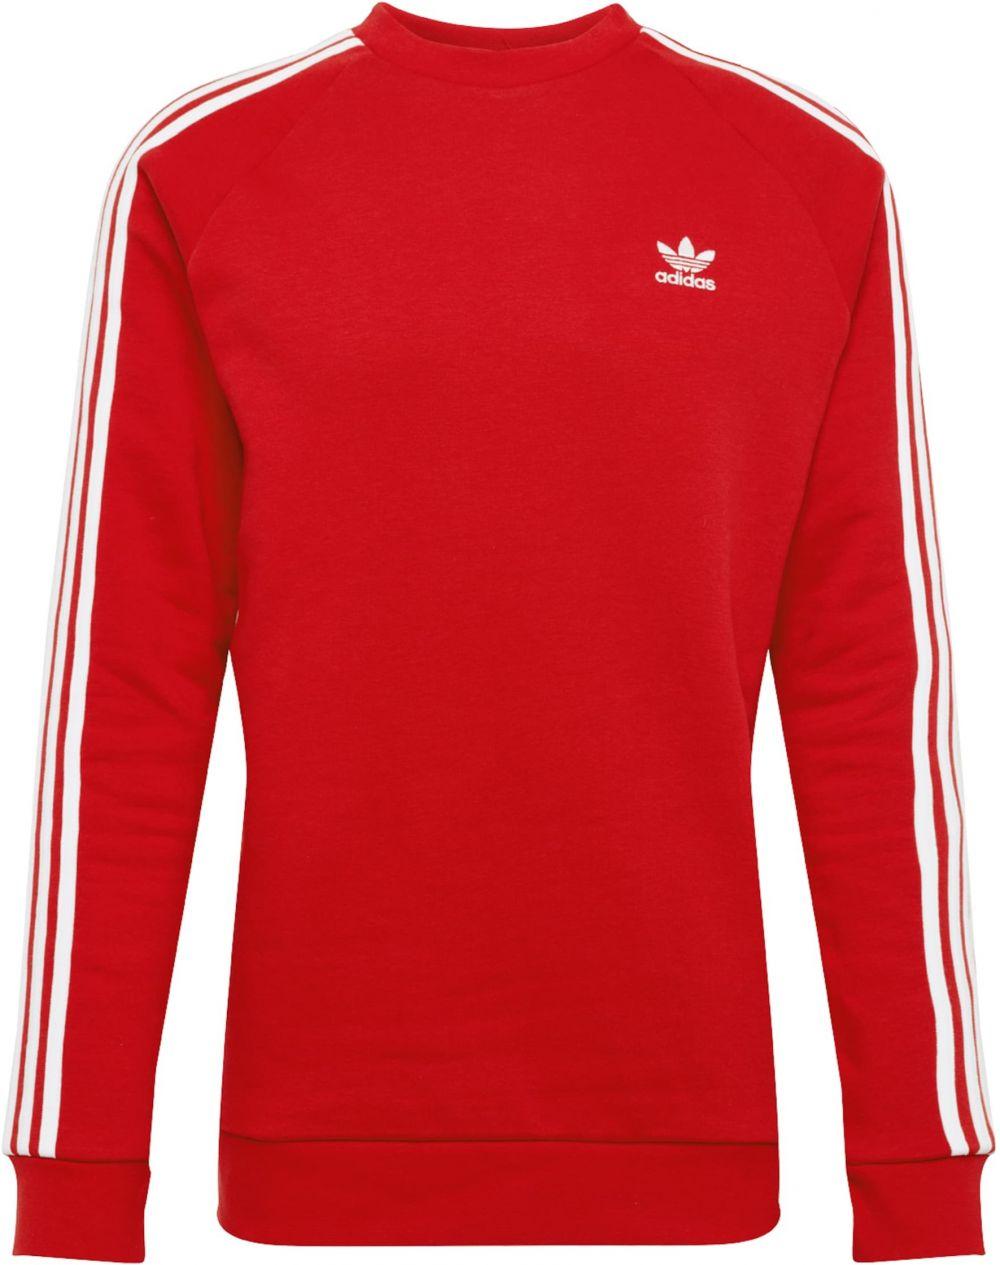 d87104d37 Mikina '3 Stripes' ADIDAS ORIGINALS červené / Biela ADIDAS ORIGINALS ...